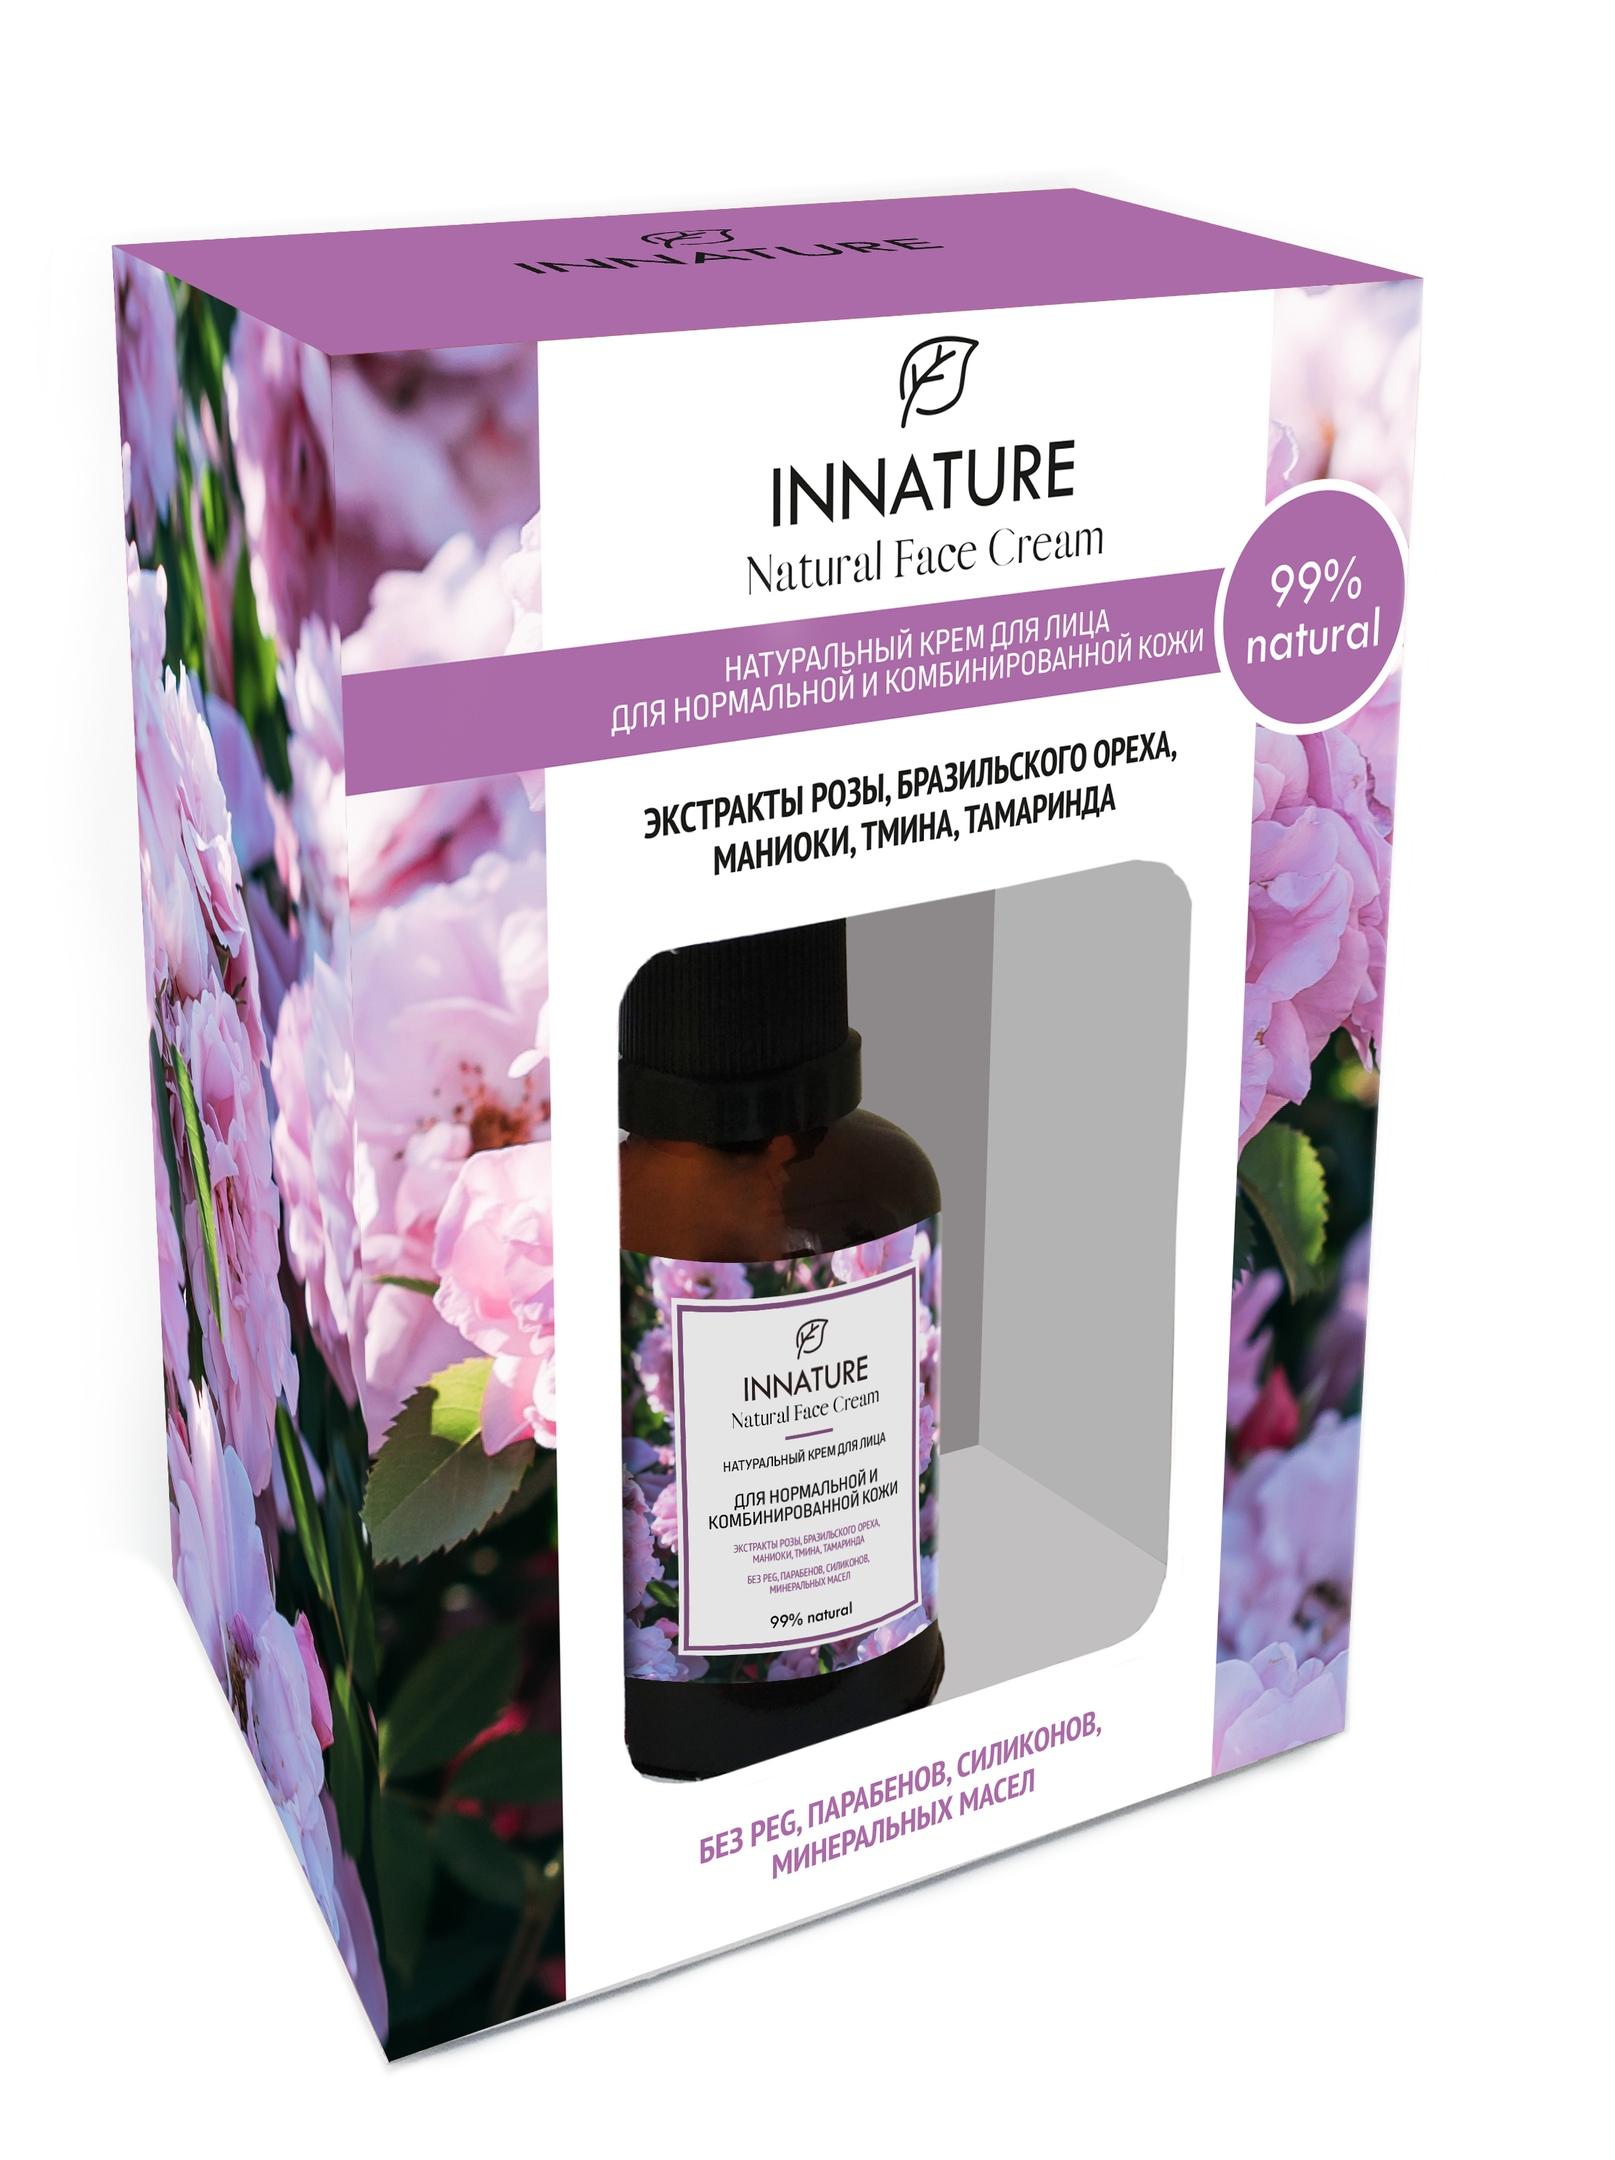 Крем для ухода за кожей INNATURE лица для нормальной и комбинированной кожи, 50 мл INNATURE